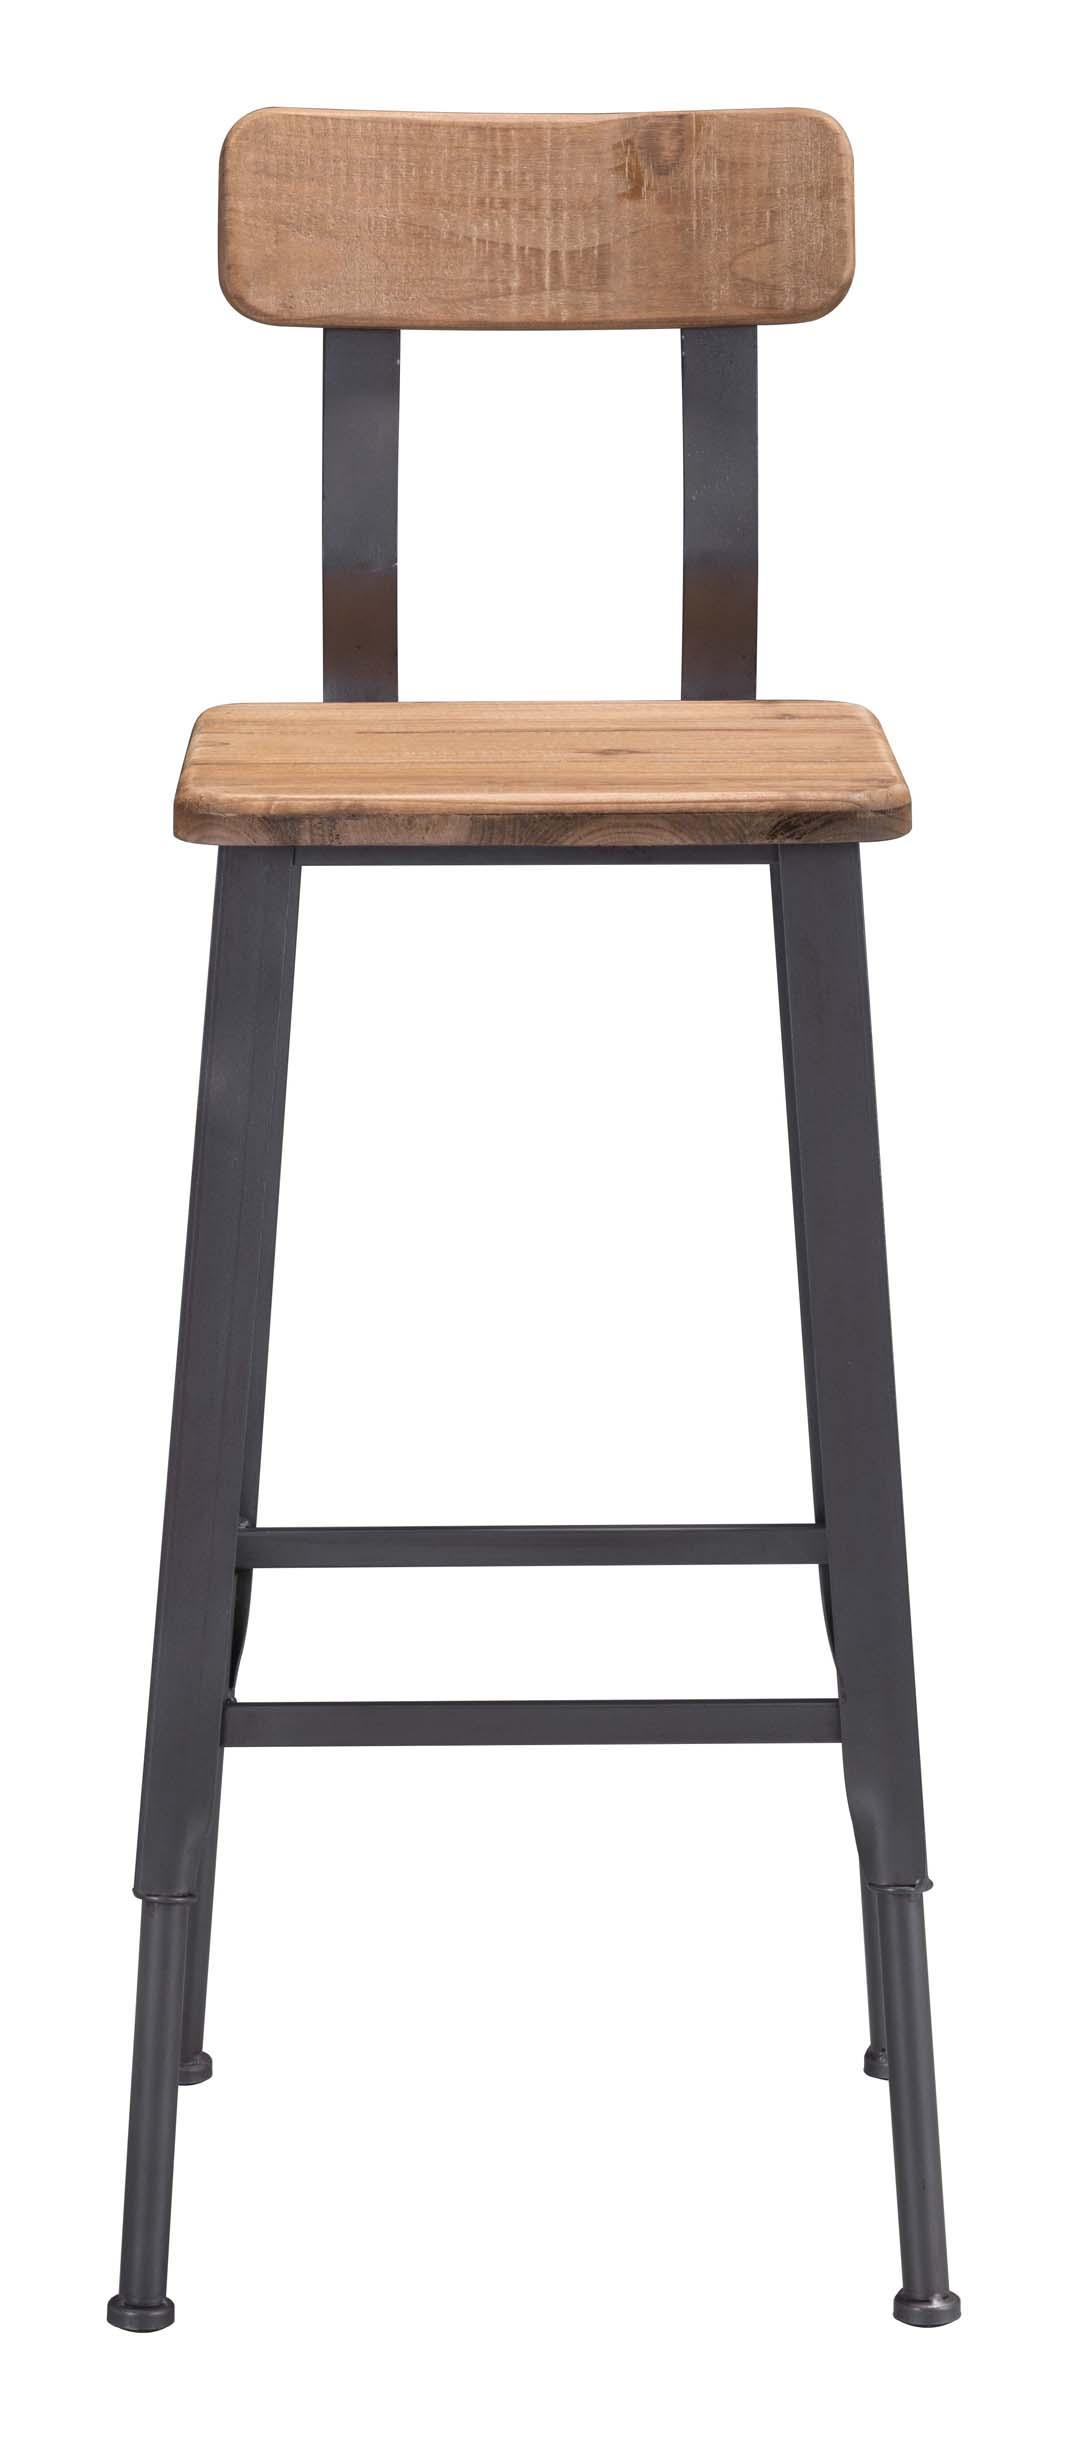 zuo-clay-bar-chair.jpg